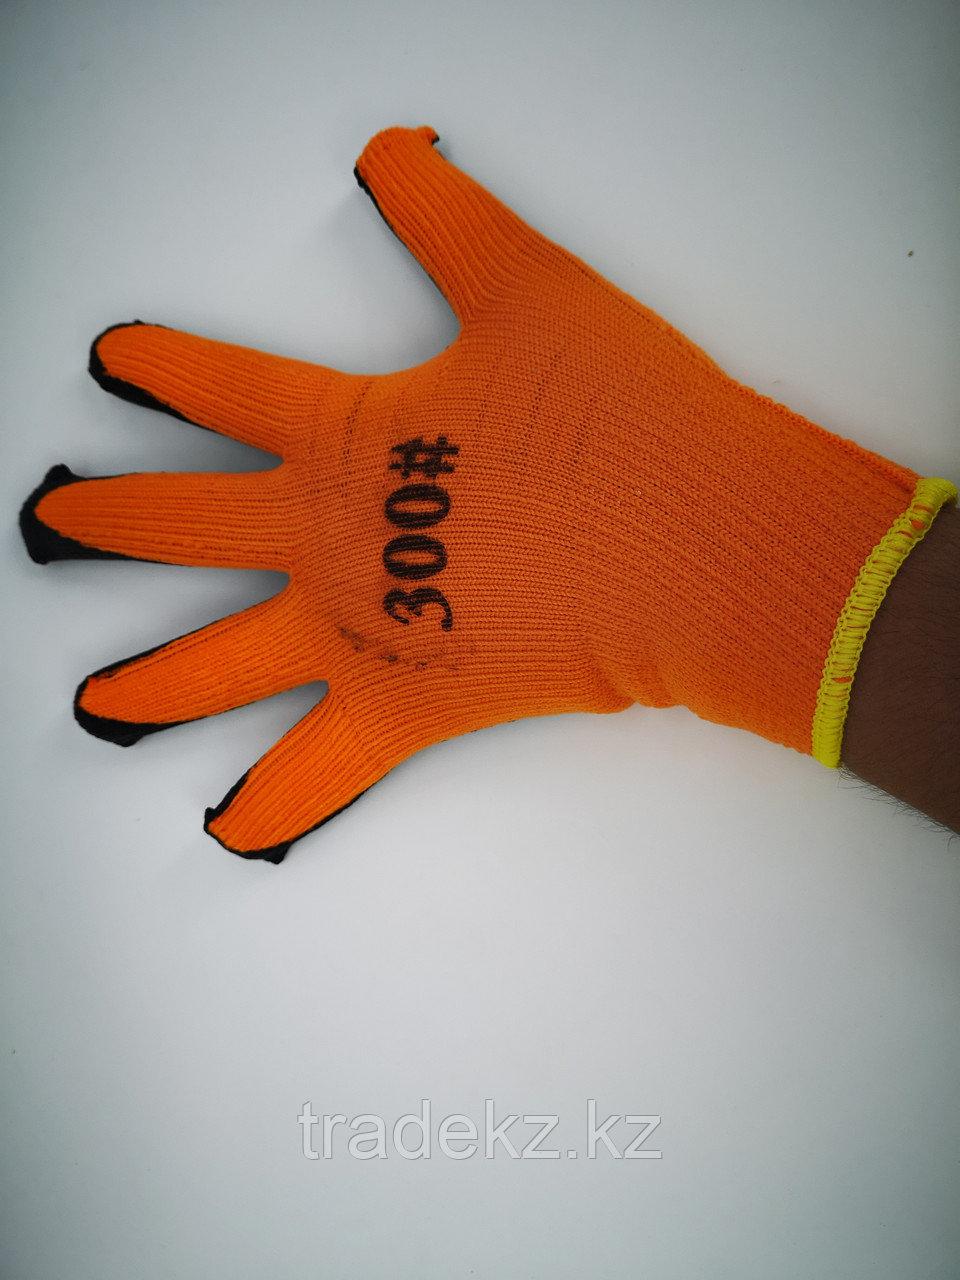 Перчатки #300, средства индивидуальной защиты